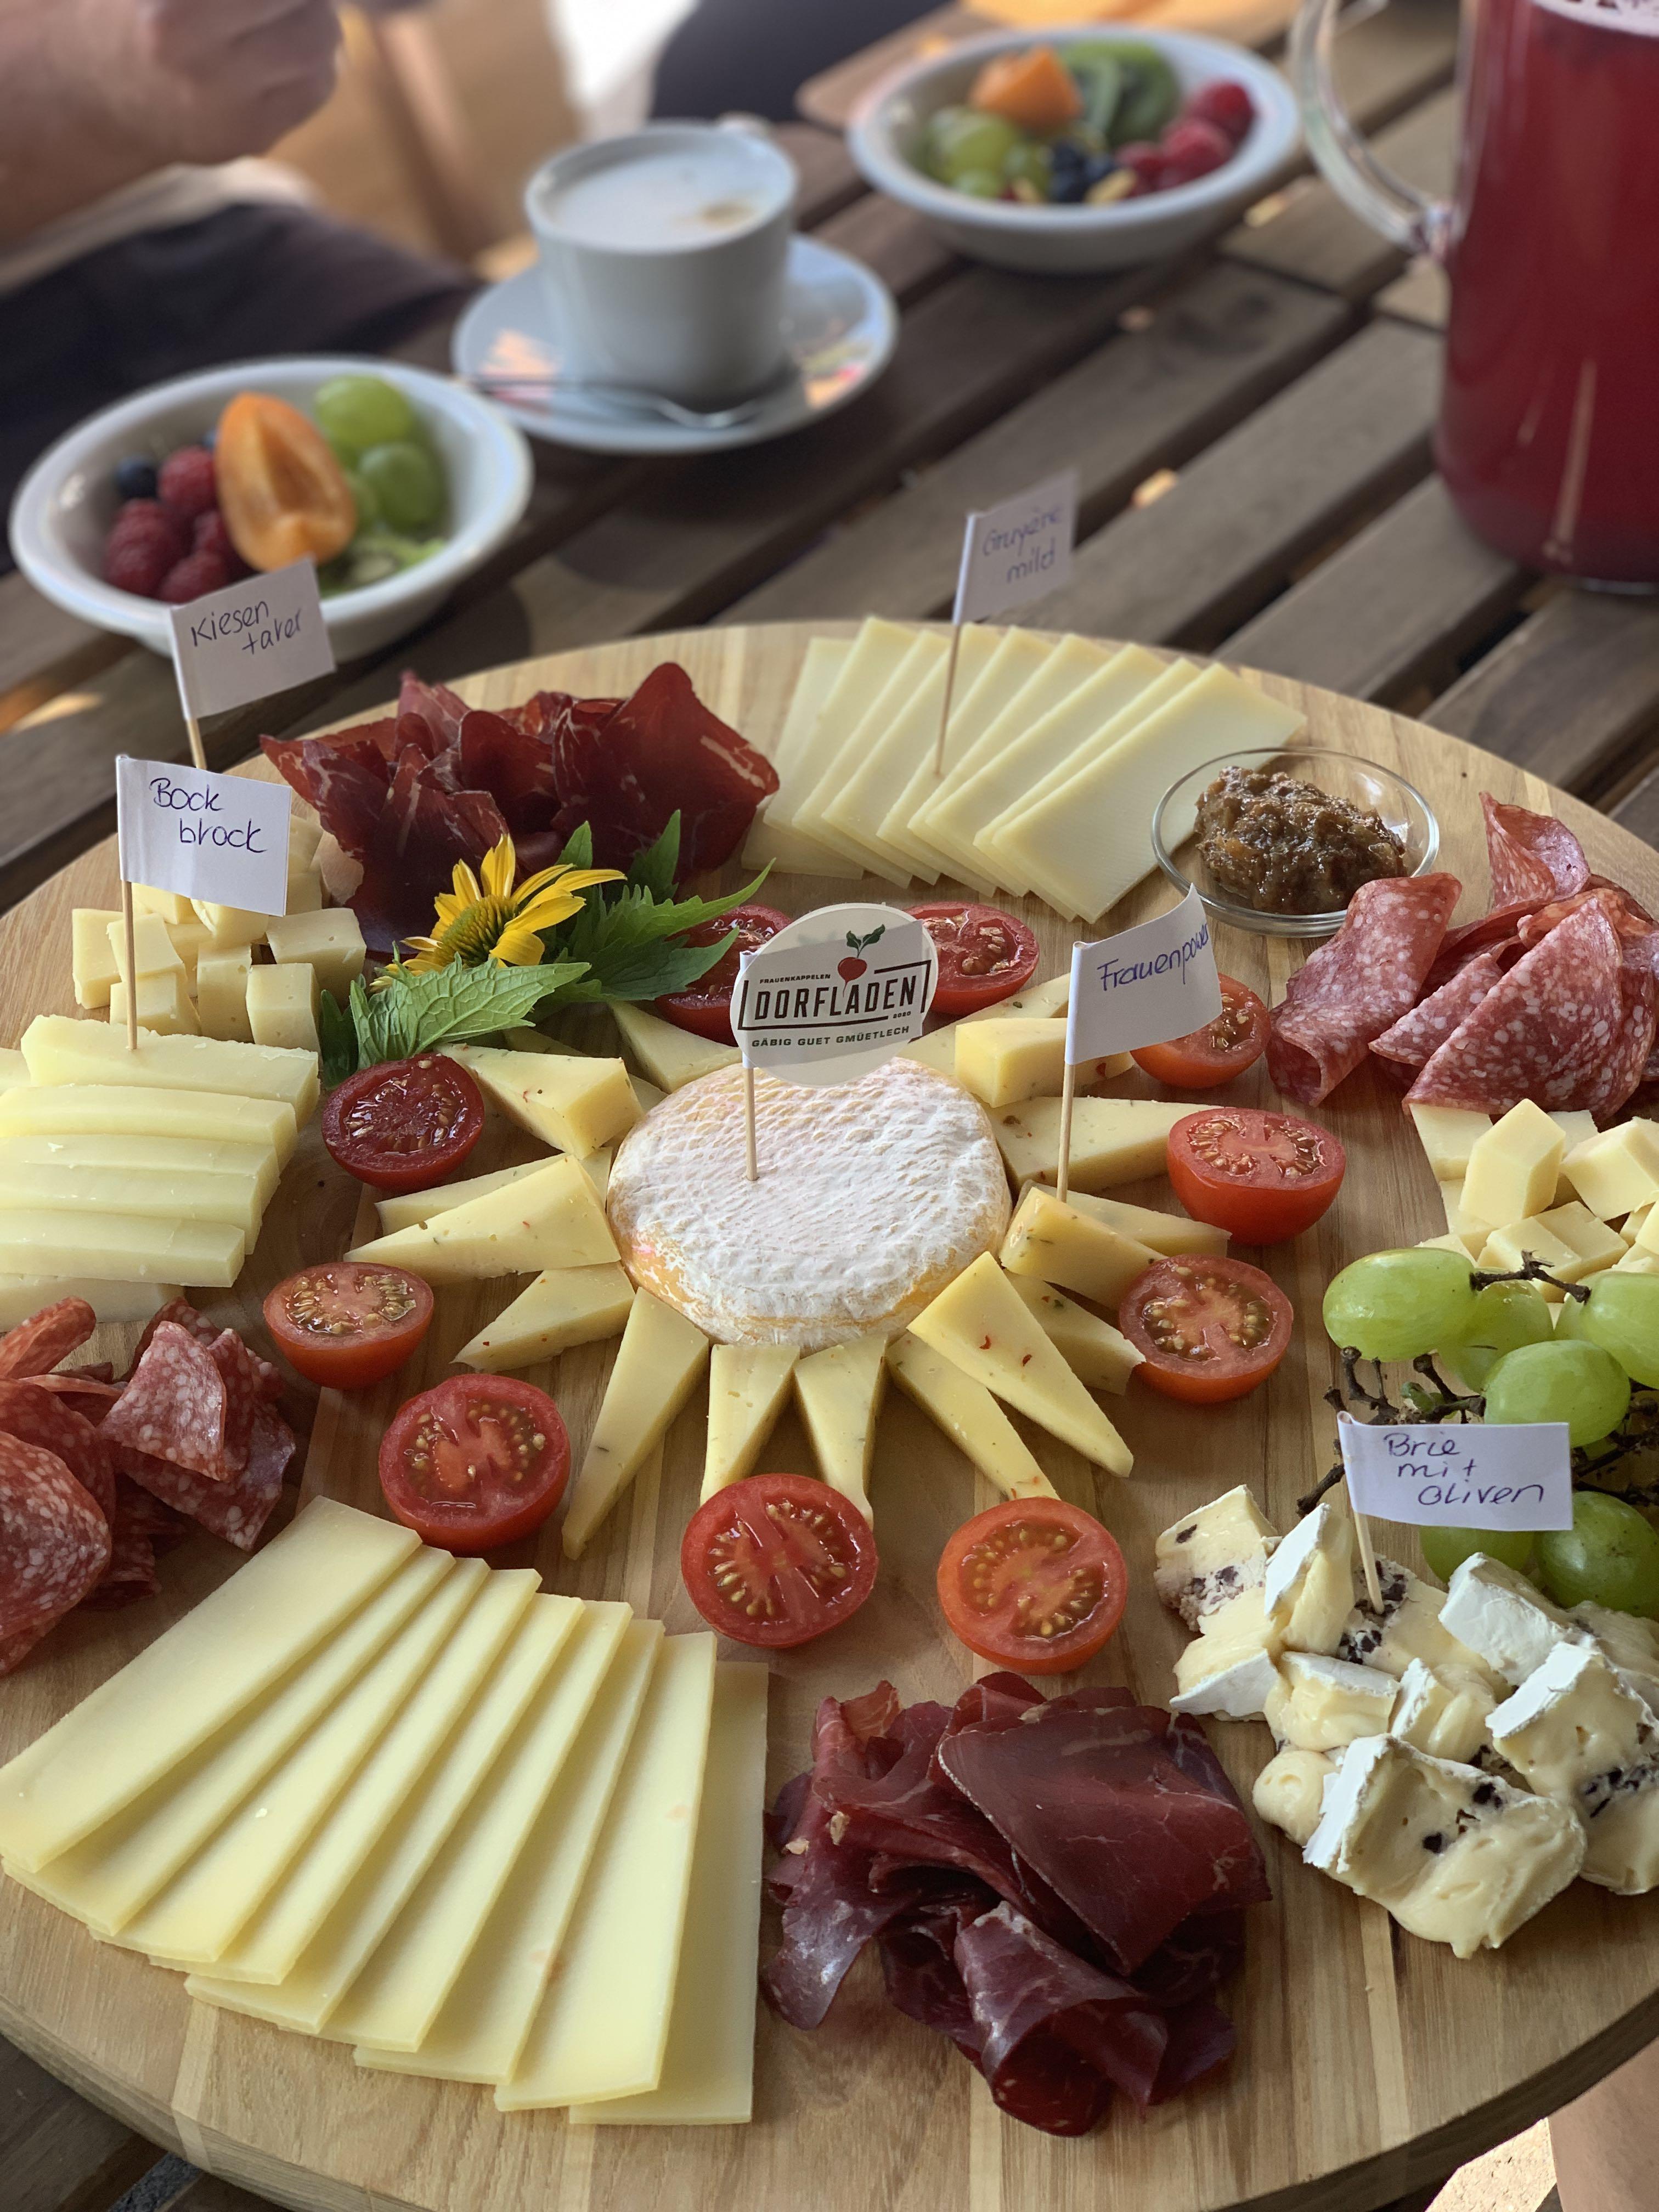 Degustação de queijos na loja de uma cooperativa local, porque afinal de contas estamos na Suíça.